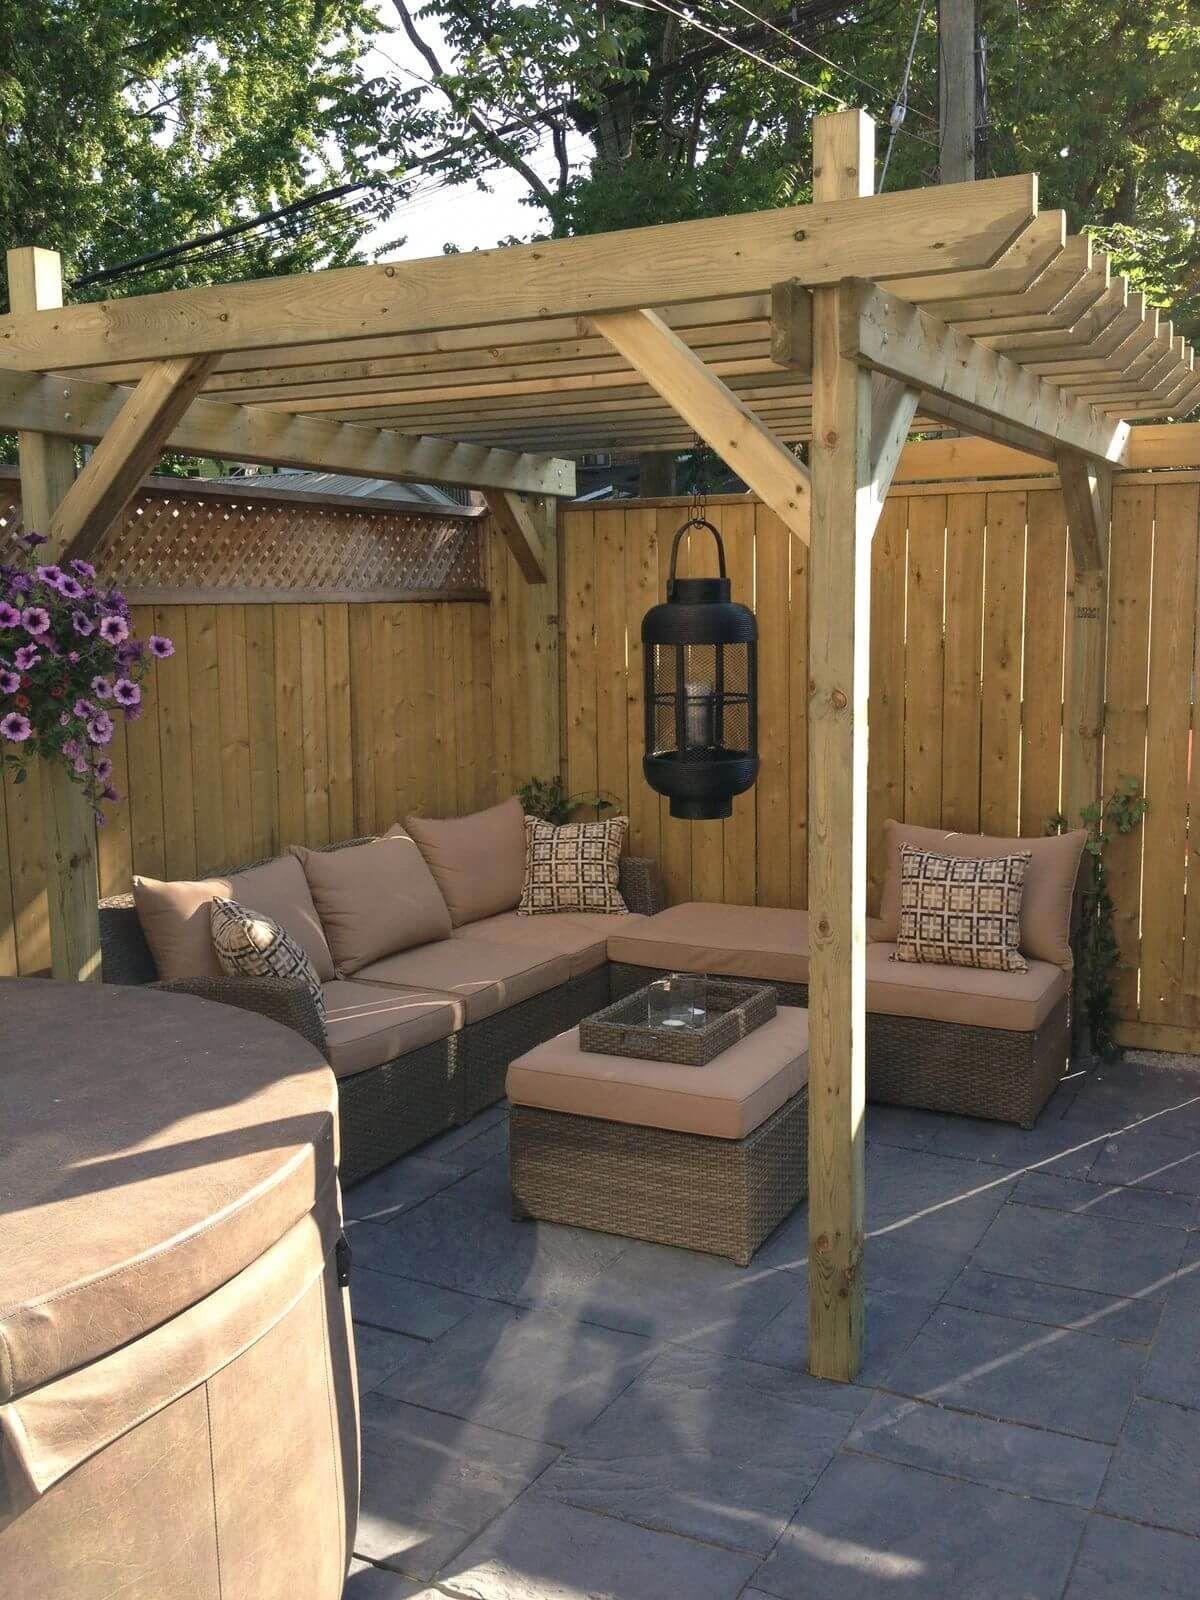 Corner Cabin Style #pergola With Lantern  Small patio design